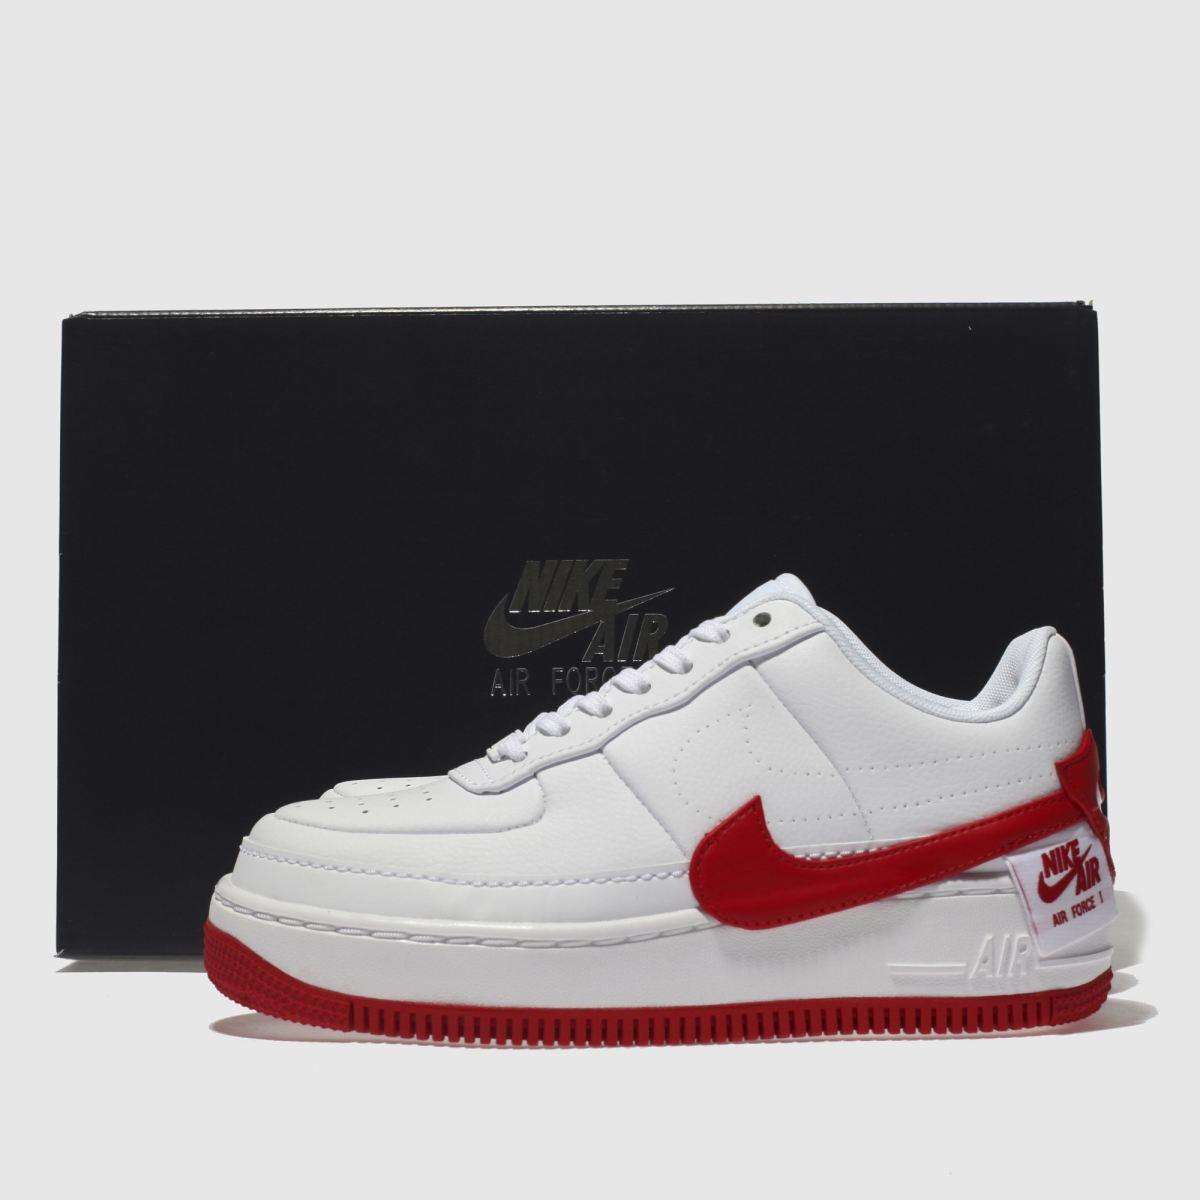 Damen Weiß-rot nike Air Force 1 Jester Xx Sneaker   Schuhe schuh Gute Qualität beliebte Schuhe   4a25b7